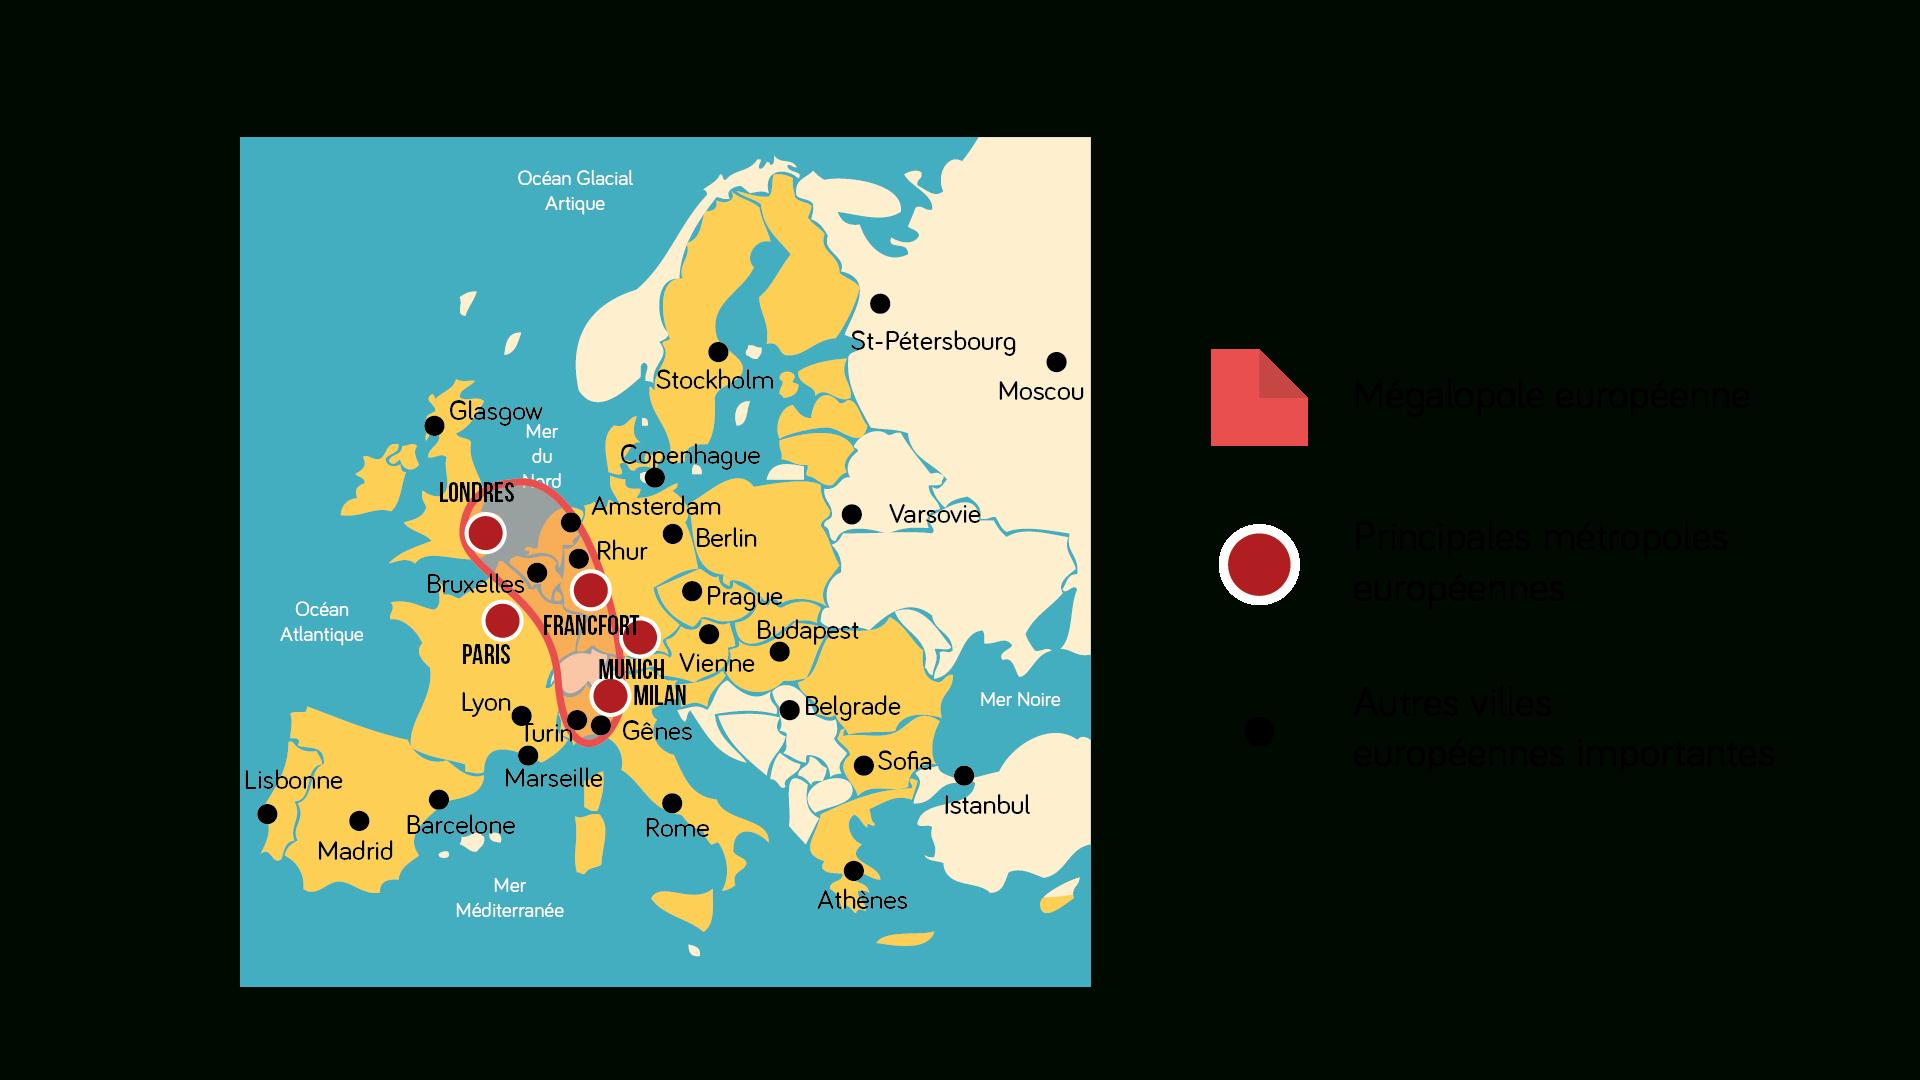 Les Contrastes Territoriaux À L'intérieur De L'union dedans Quiz Sur Les Capitales De L Union Européenne